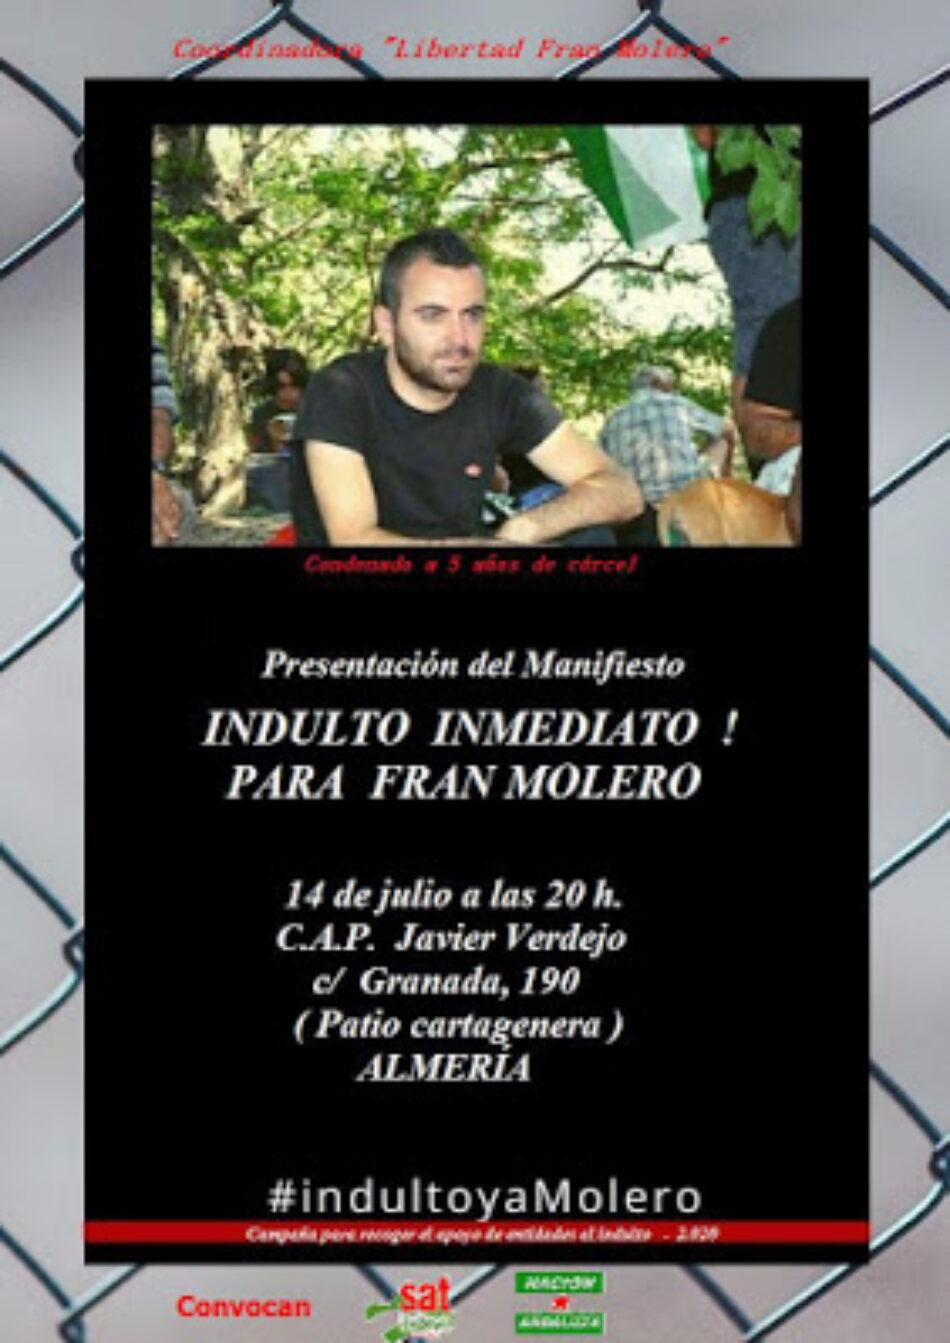 Presentación del Manifiesto para solicitar el indulto de Fran Molero